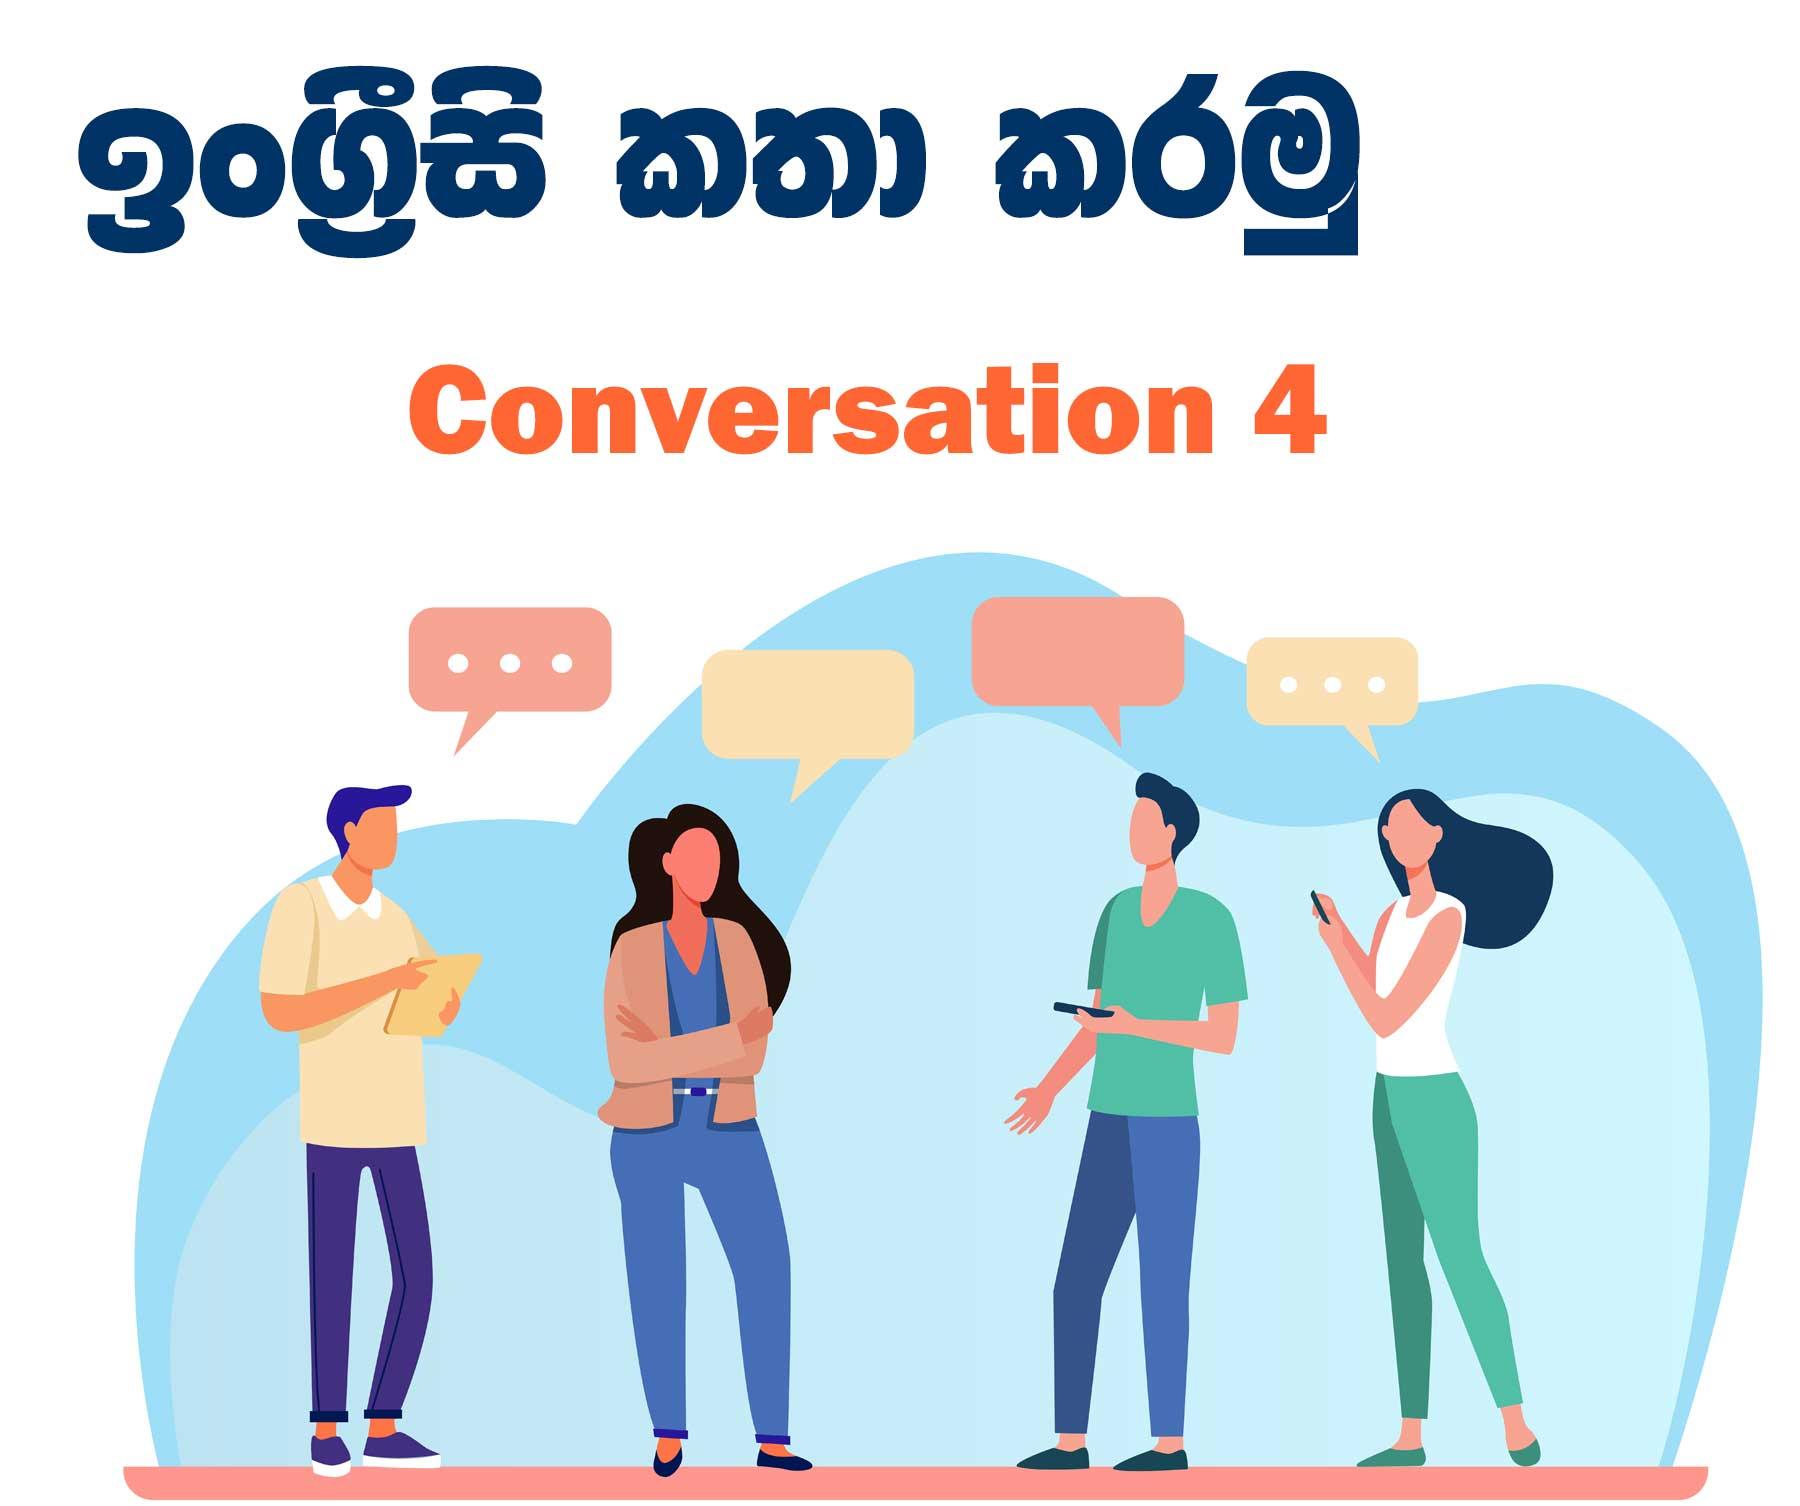 Speak English by listening to conversation 4